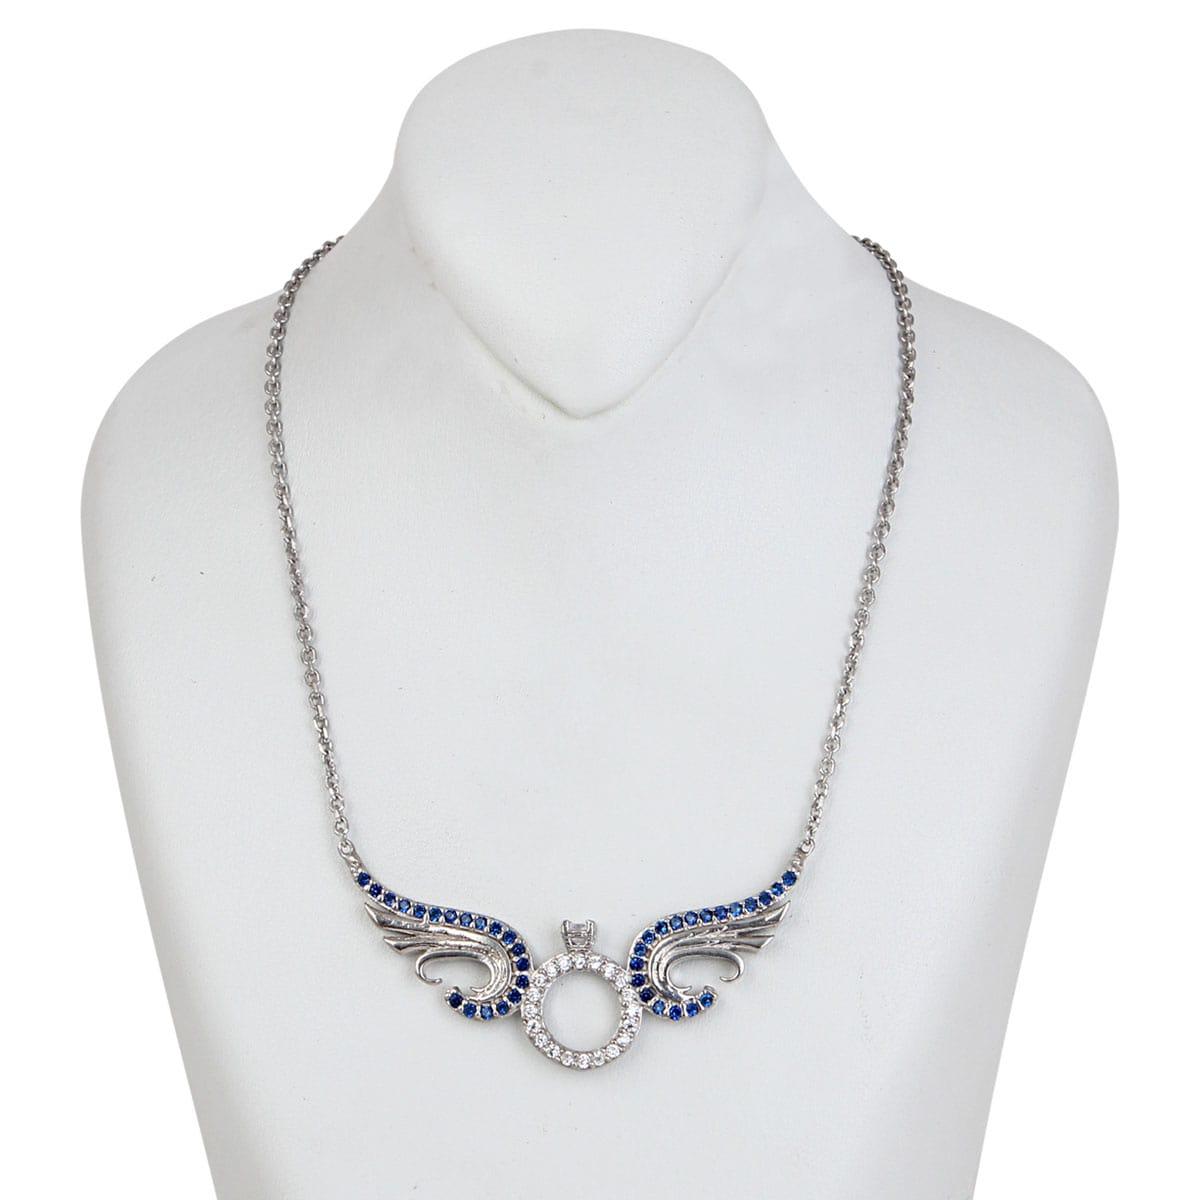 خرید گردنبند نقره زنانه مدل لیزا